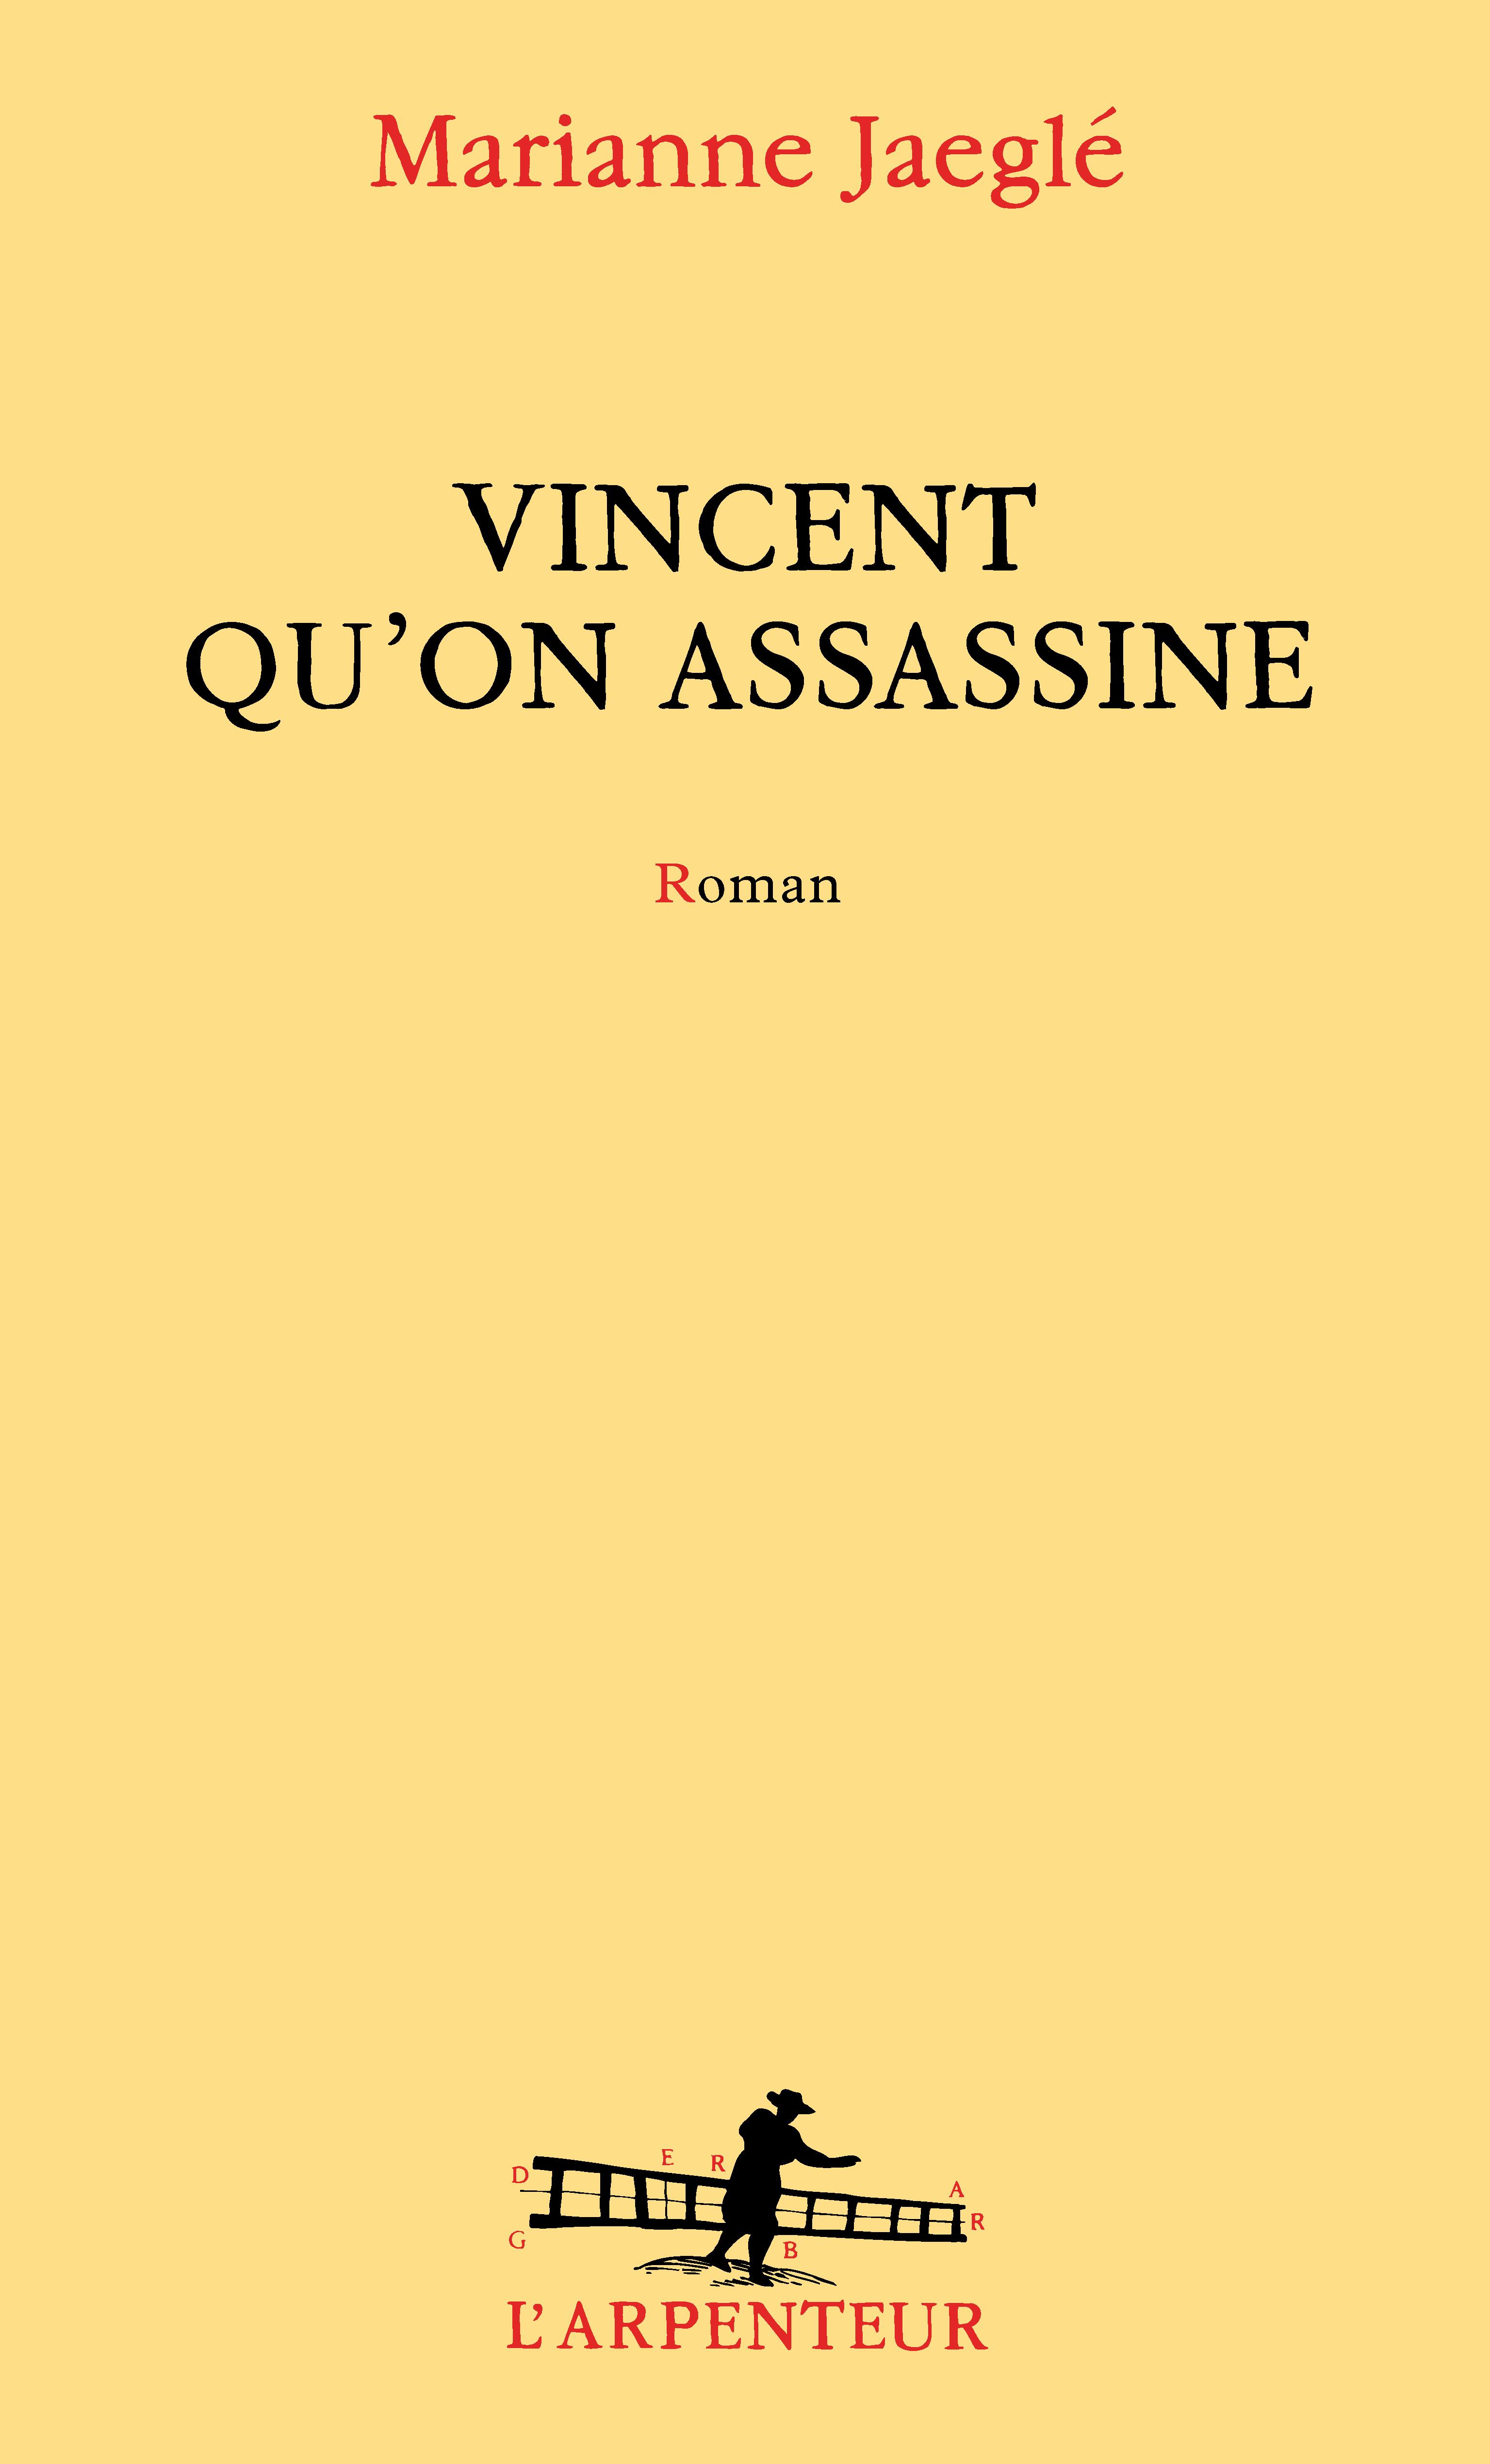 Vincent qu'on assassine | Jaeglé, Marianne